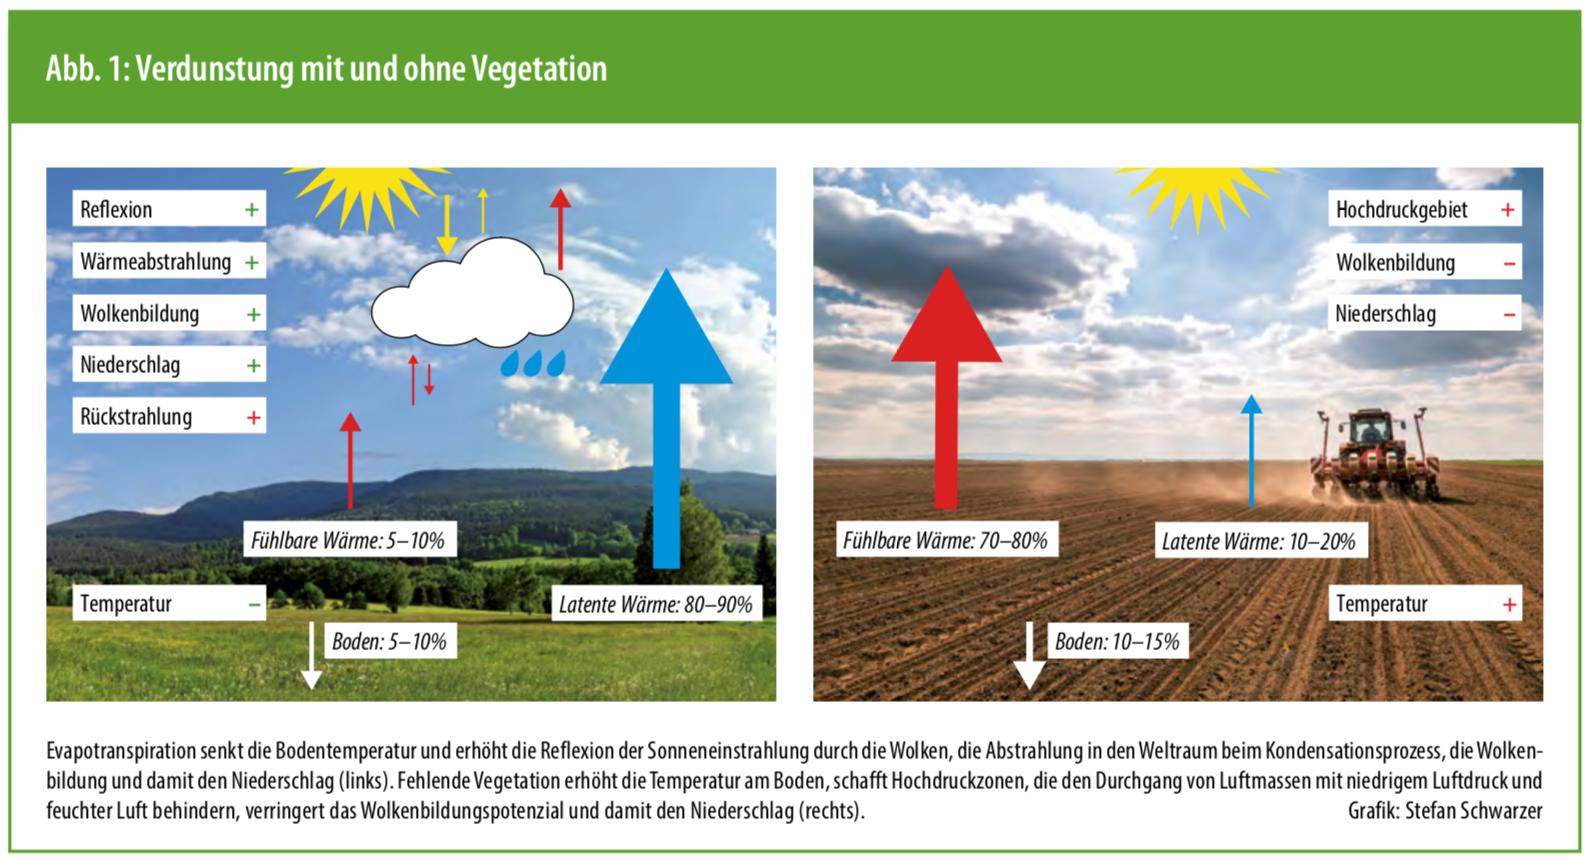 Artikel: Bedeckt die Böden! in der aktuellen Ausgabe von Ökologie & Landbau